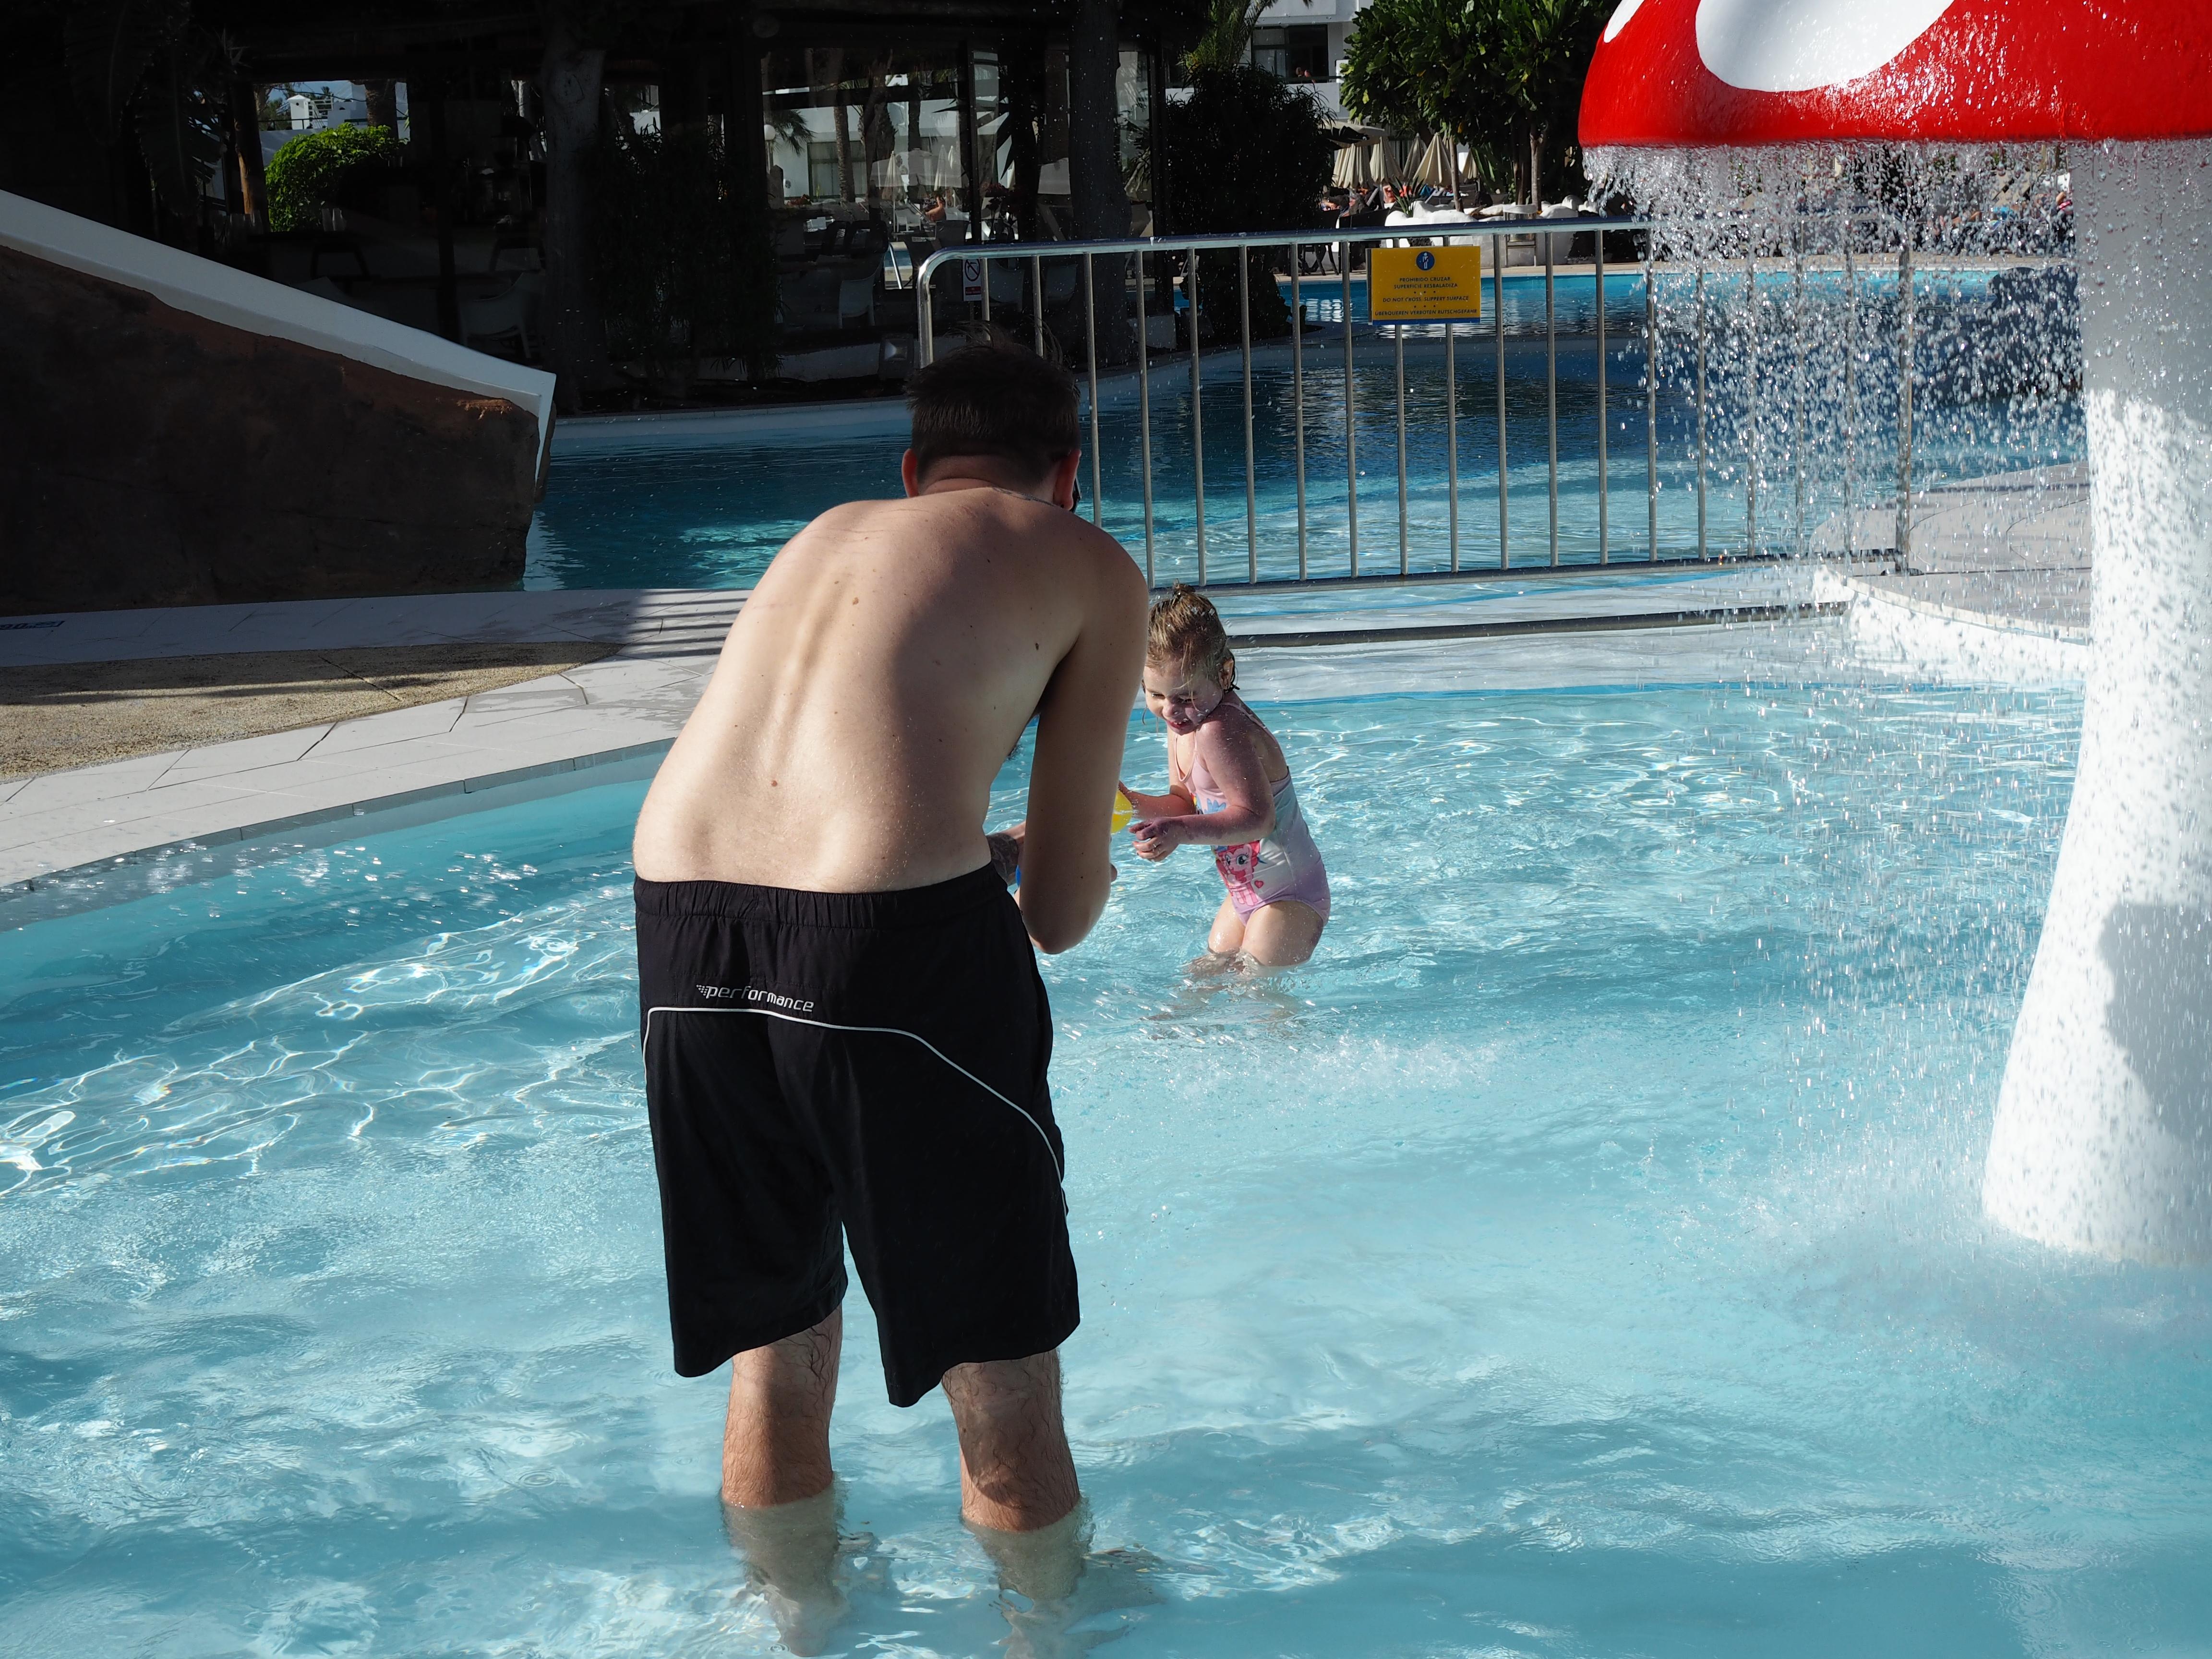 Isin kanssa uimaleikkejä